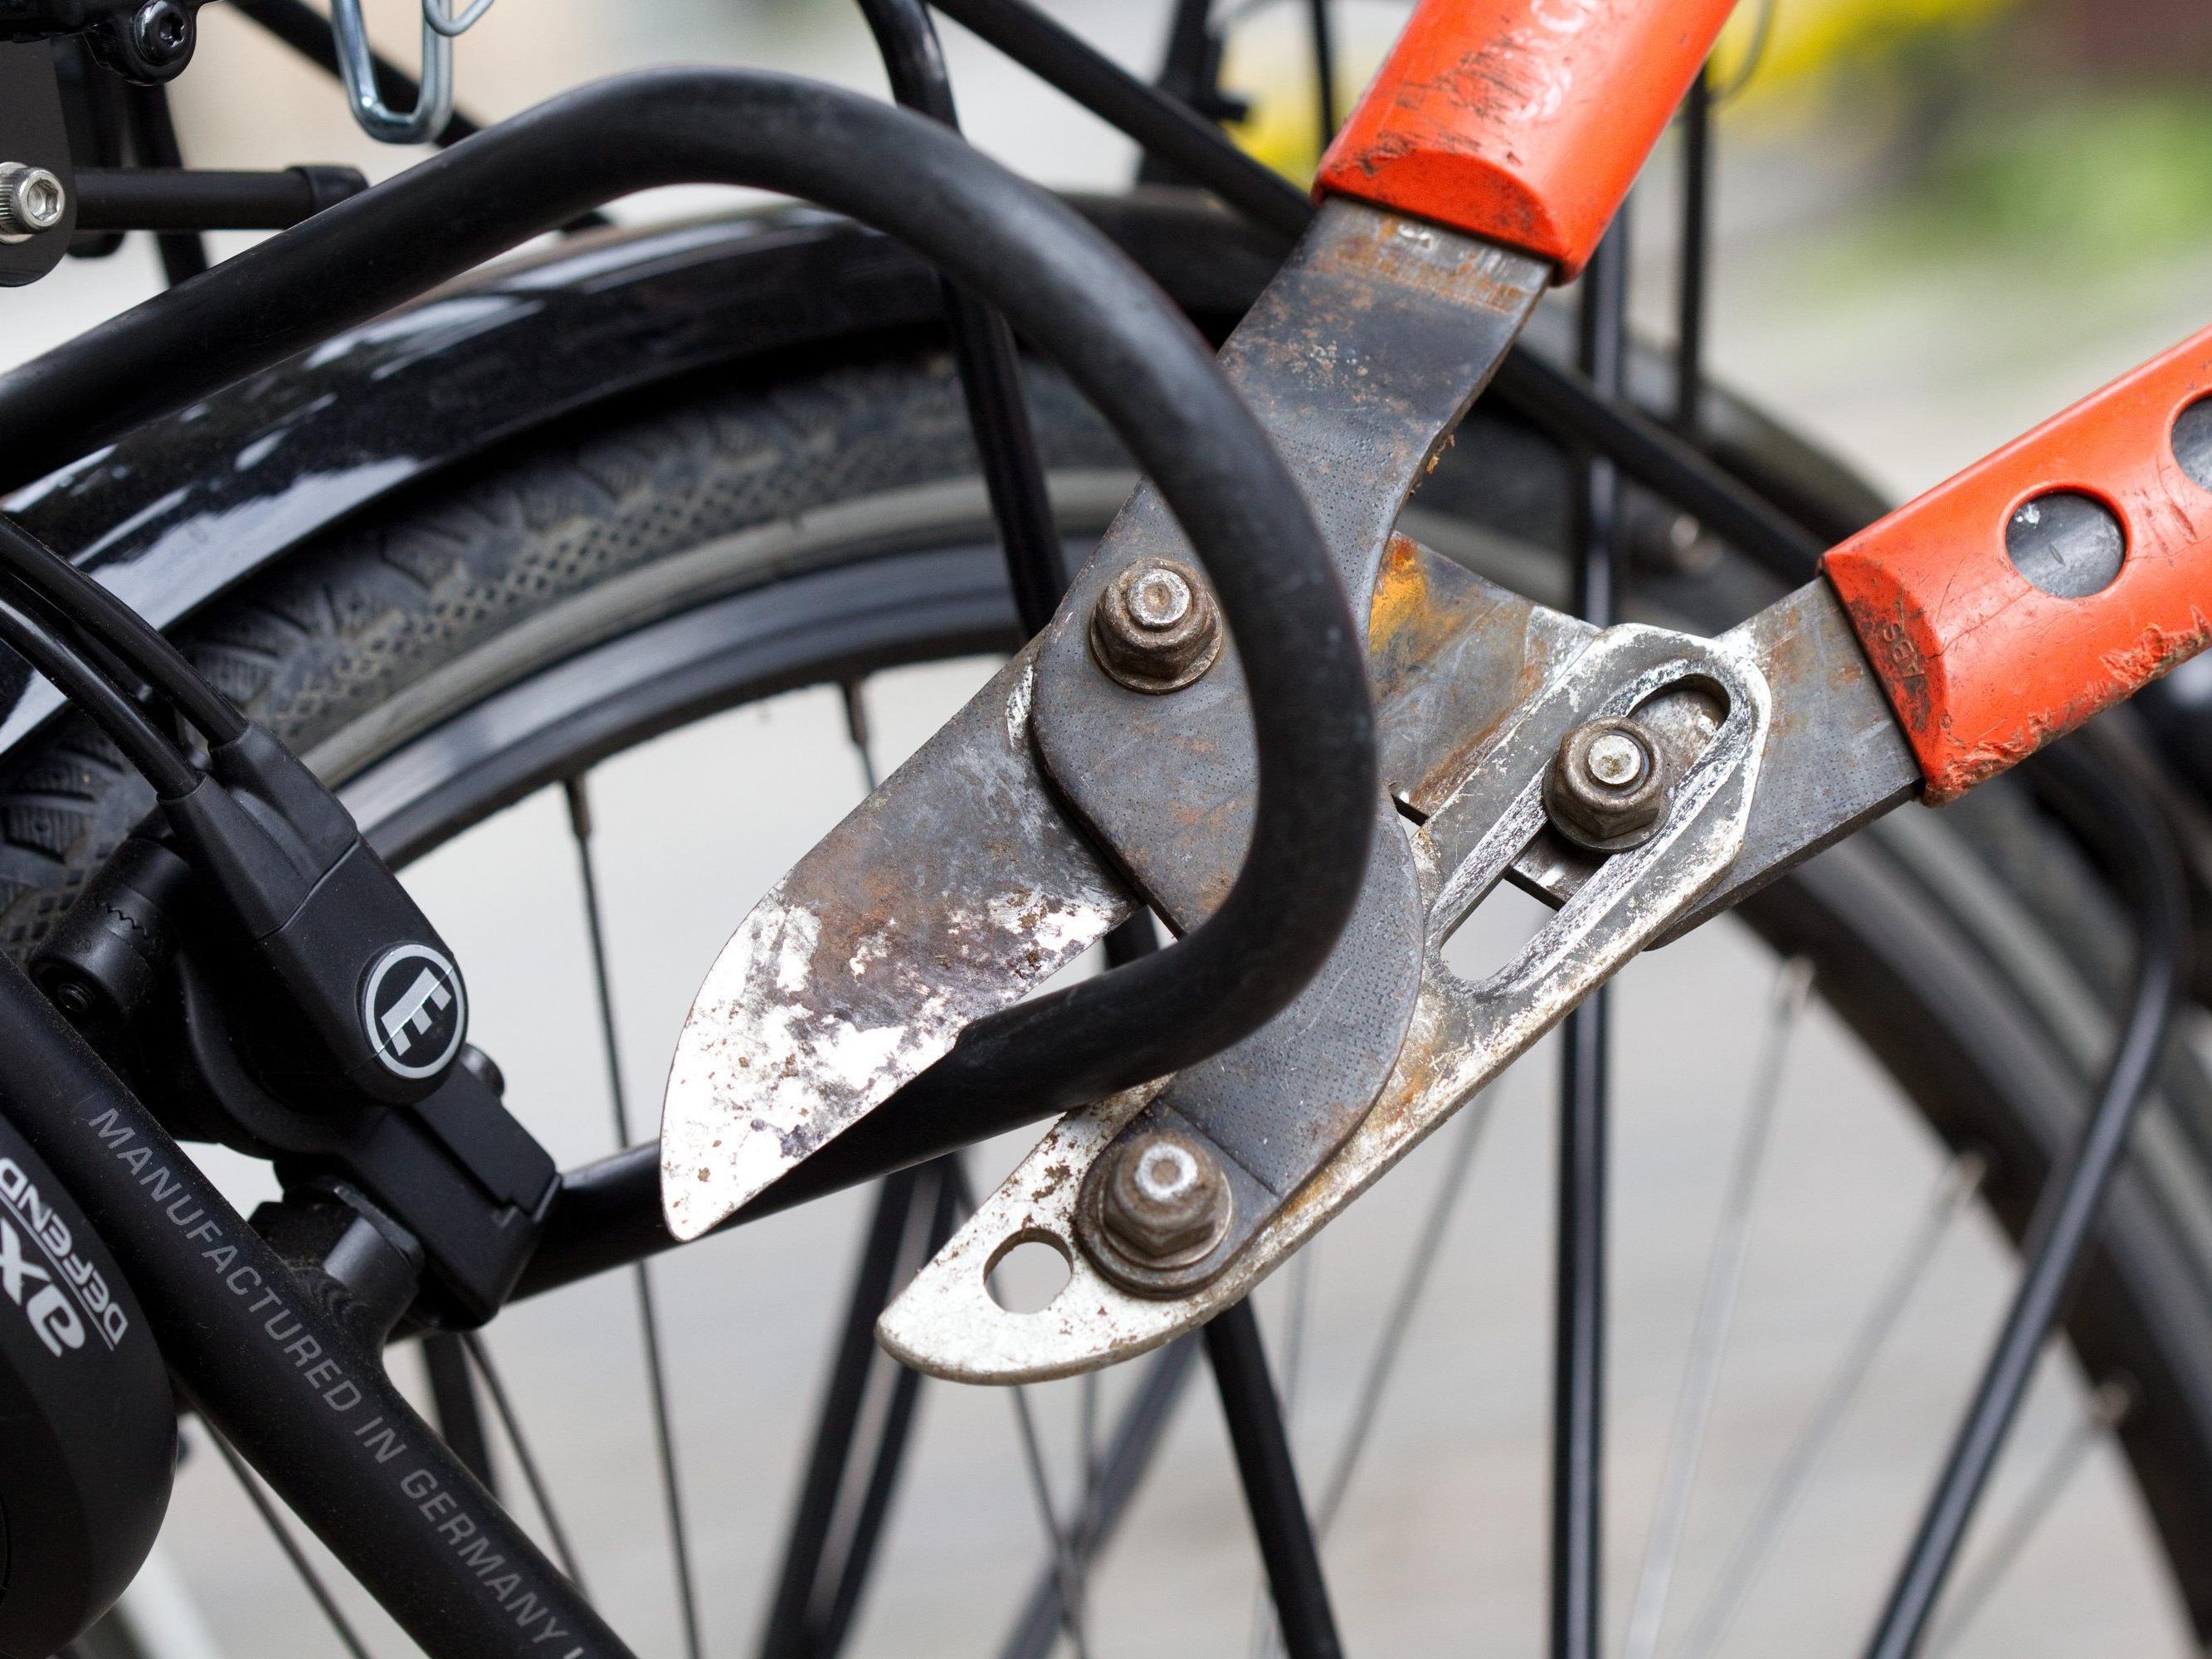 Fahrräder im Wert von 150.000 Euro gestohlen.